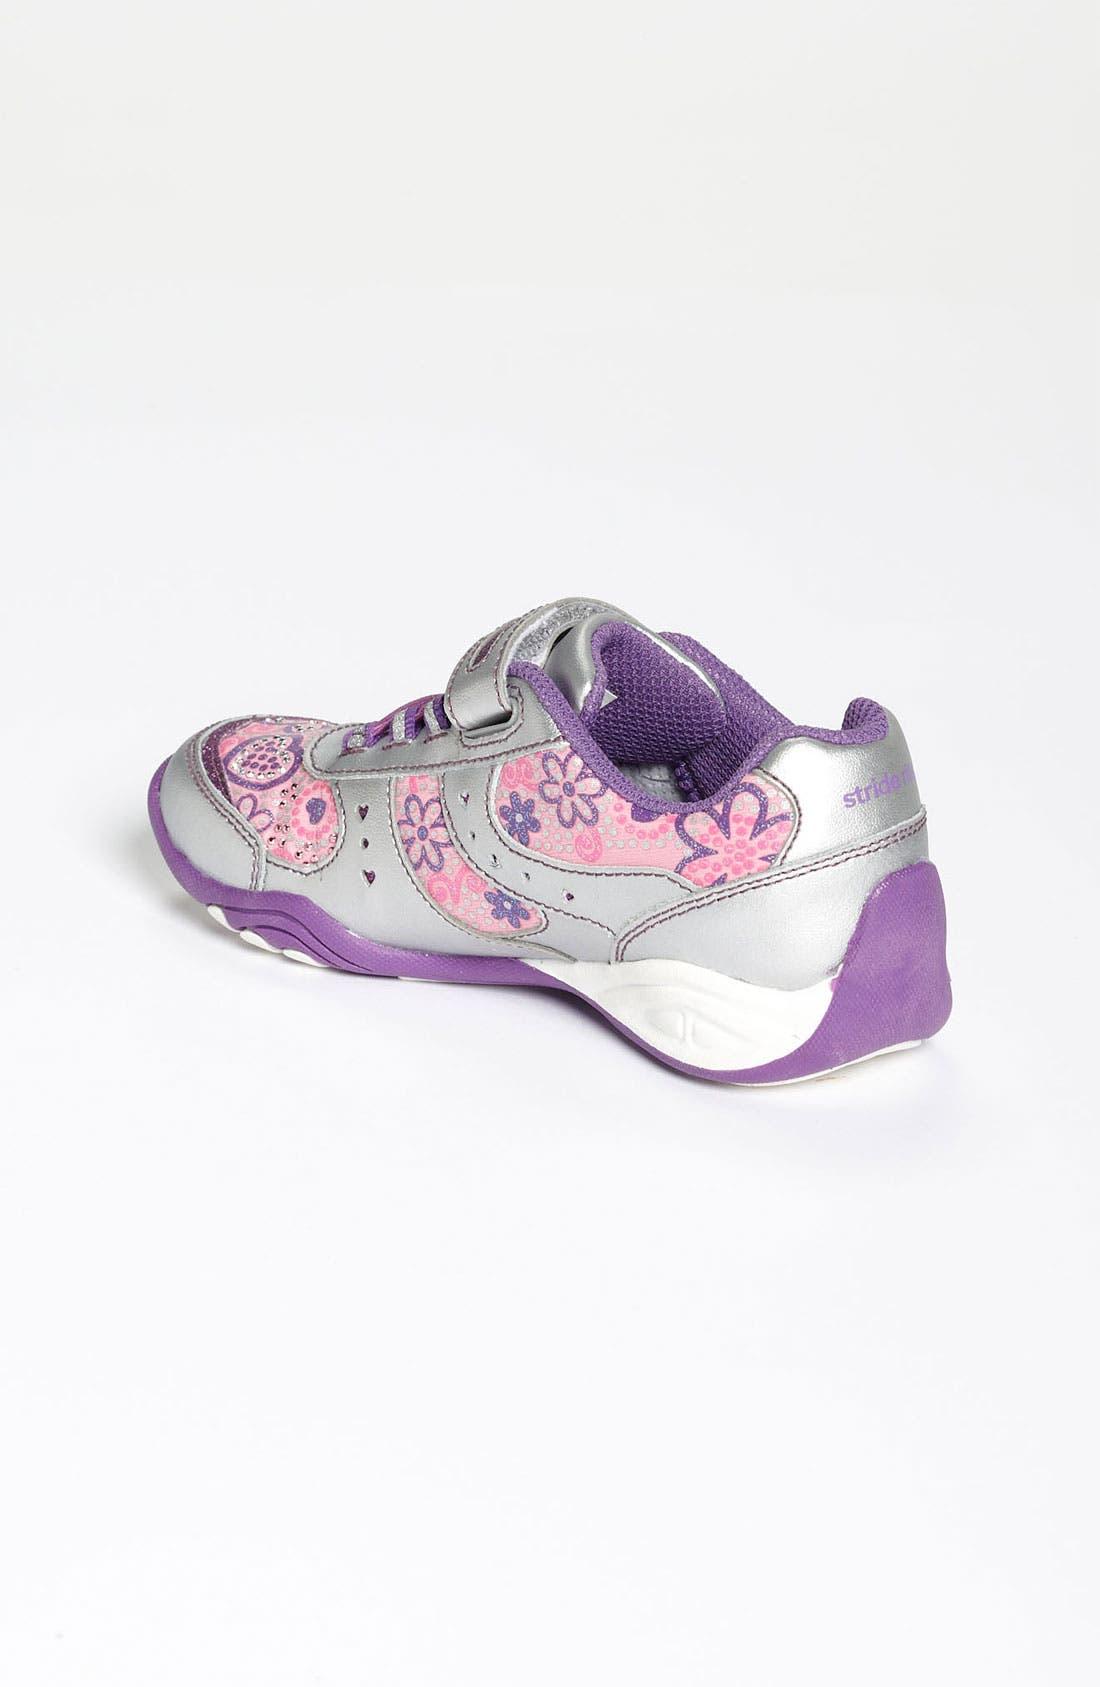 Alternate Image 2  - Stride Rite 'Starlit' Light-Up Sneaker (Toddler & Little Kid)